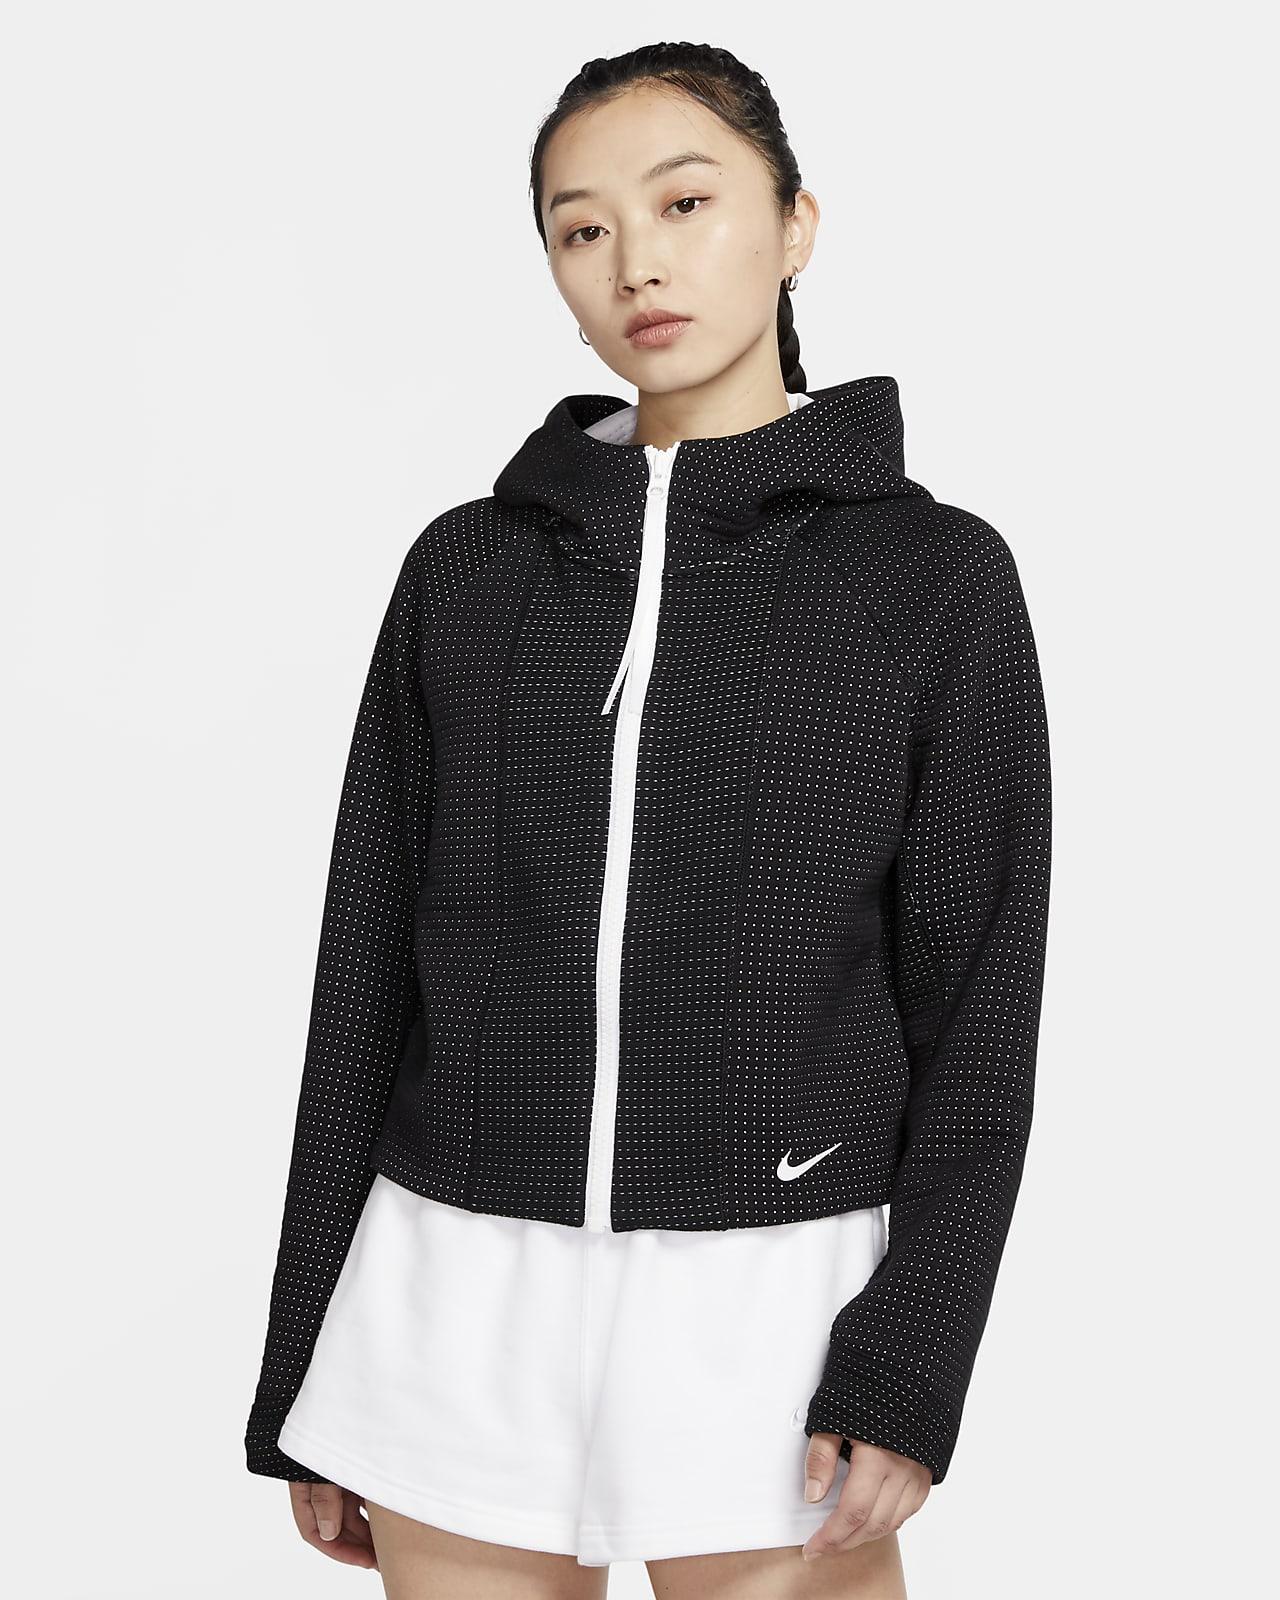 Nike Sportswear Tech Fleece speziell entwickelter Damen-Hoodie mit durchgehendem Reißverschluss